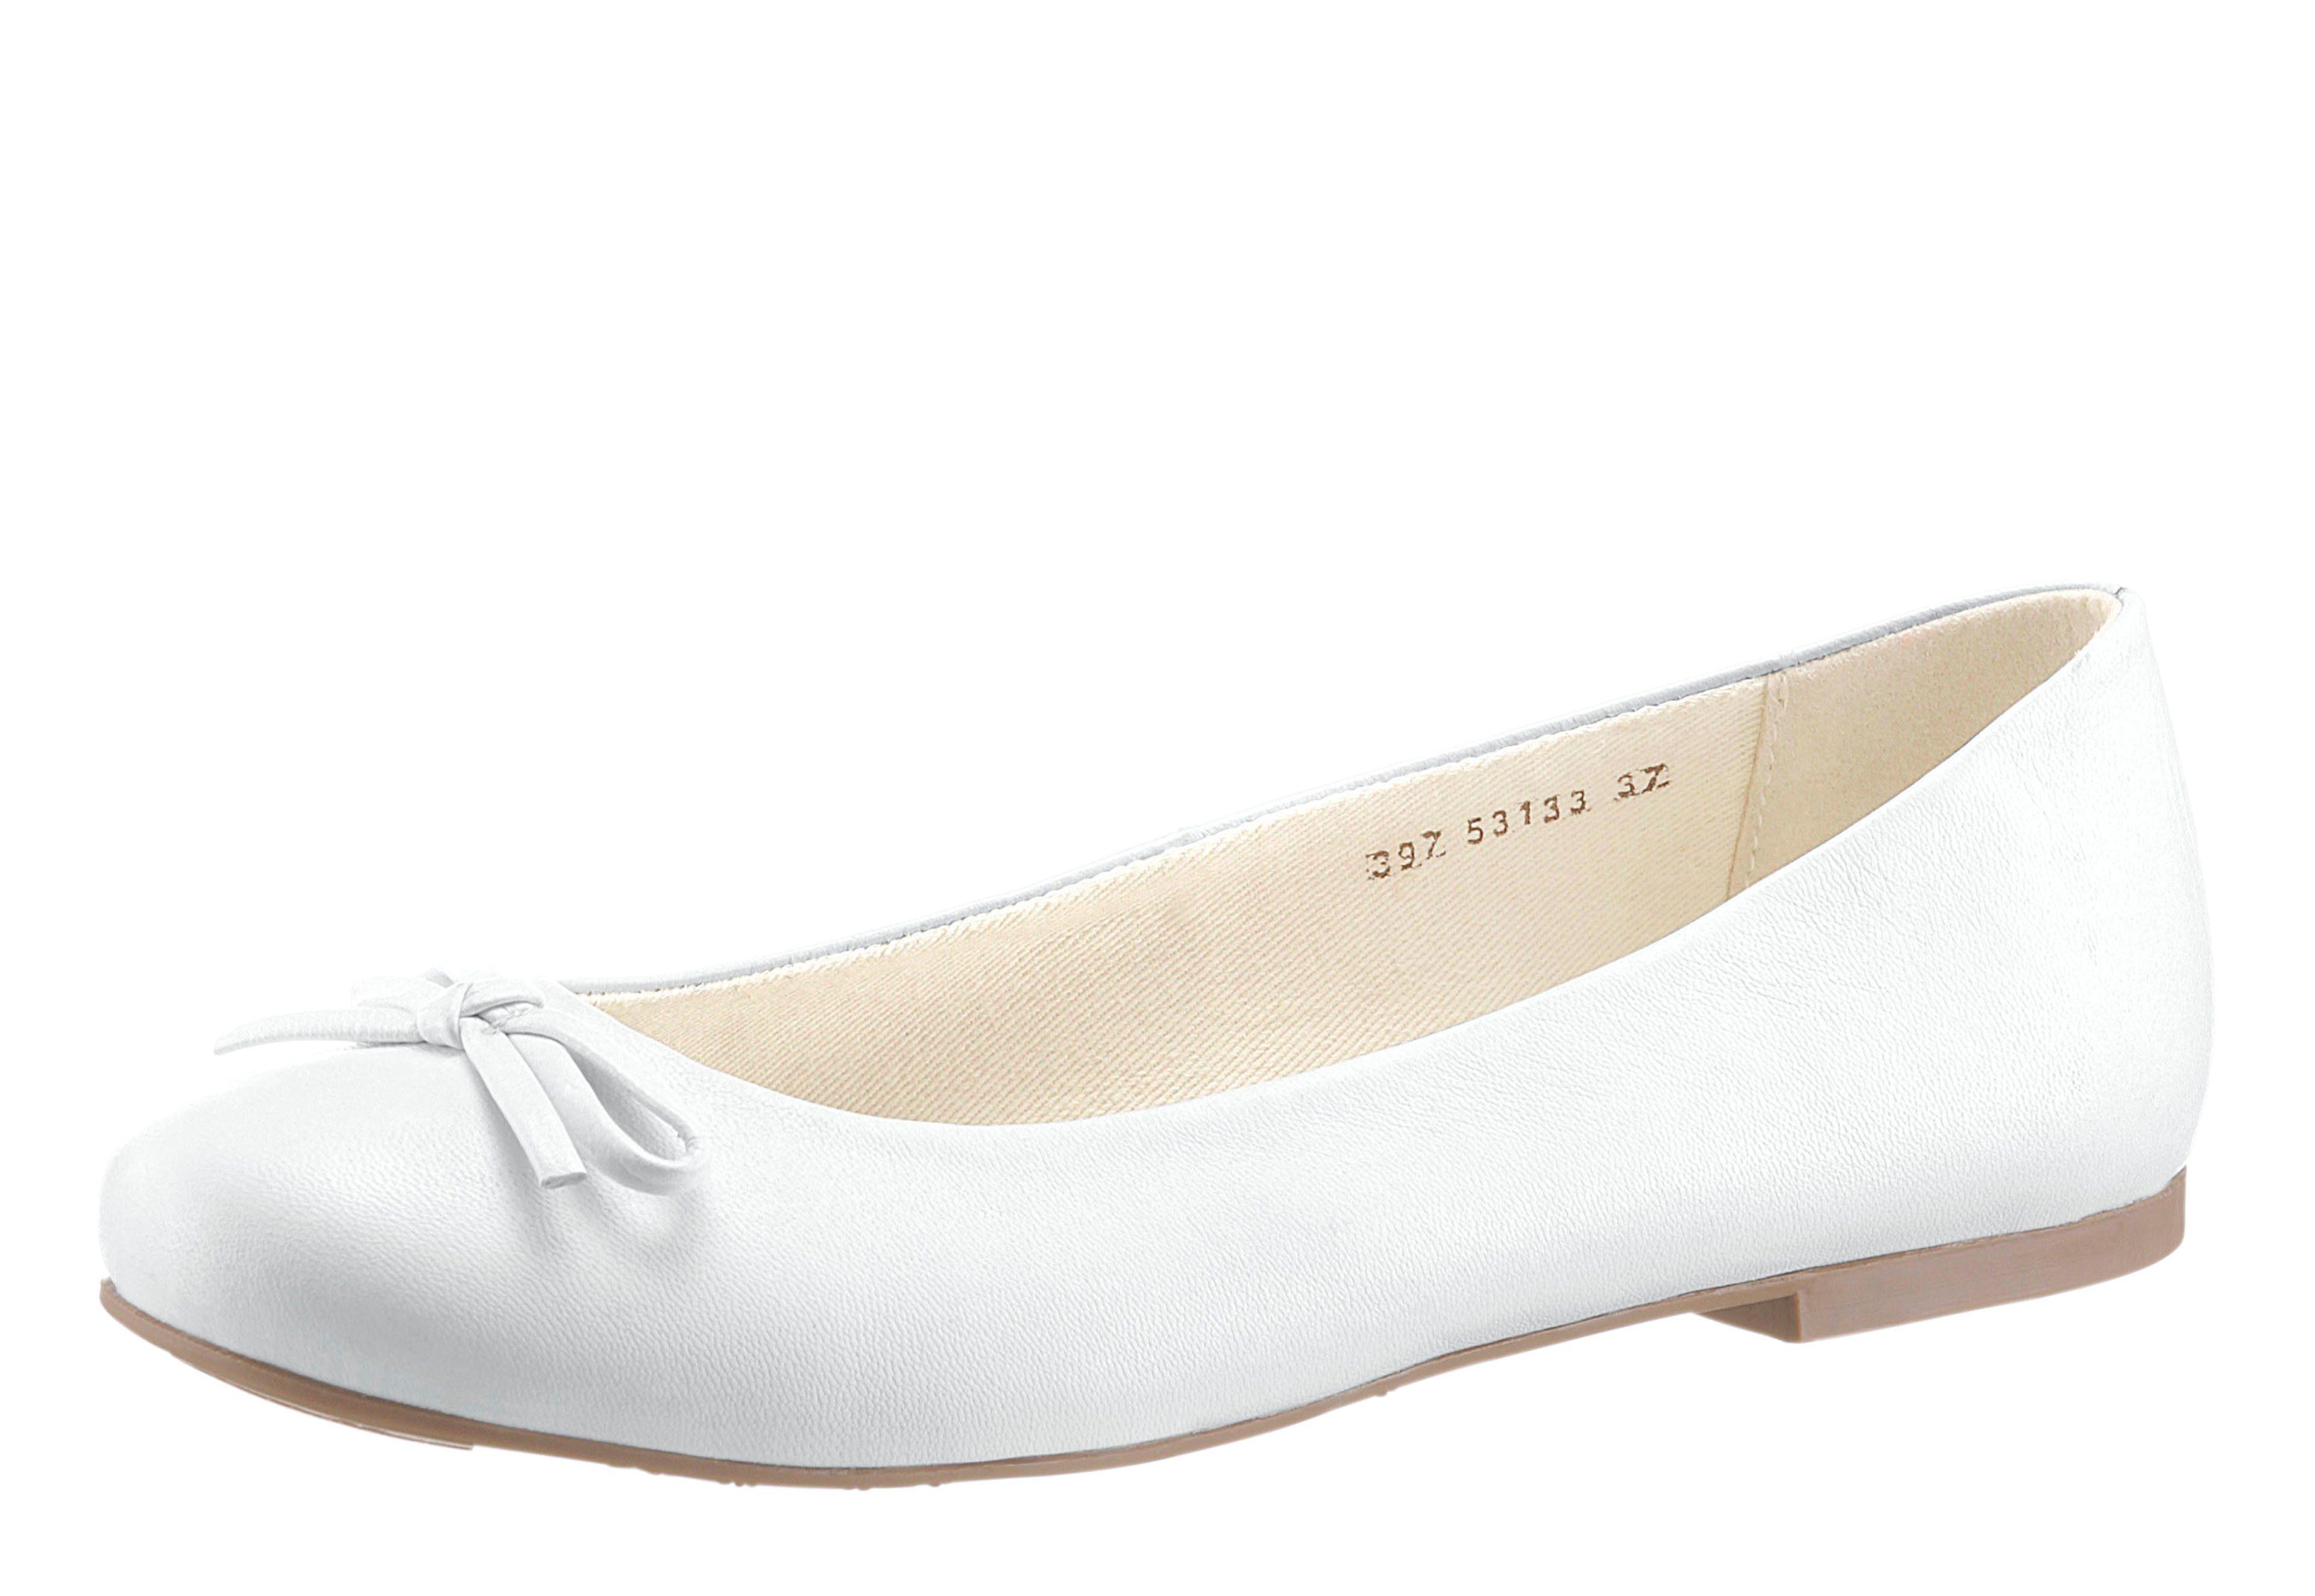 Spielraum Wahl Steckdose Shop Airsoft Damen Ballerina weiß Ebay Online Sehr Billig Ad2Fs3